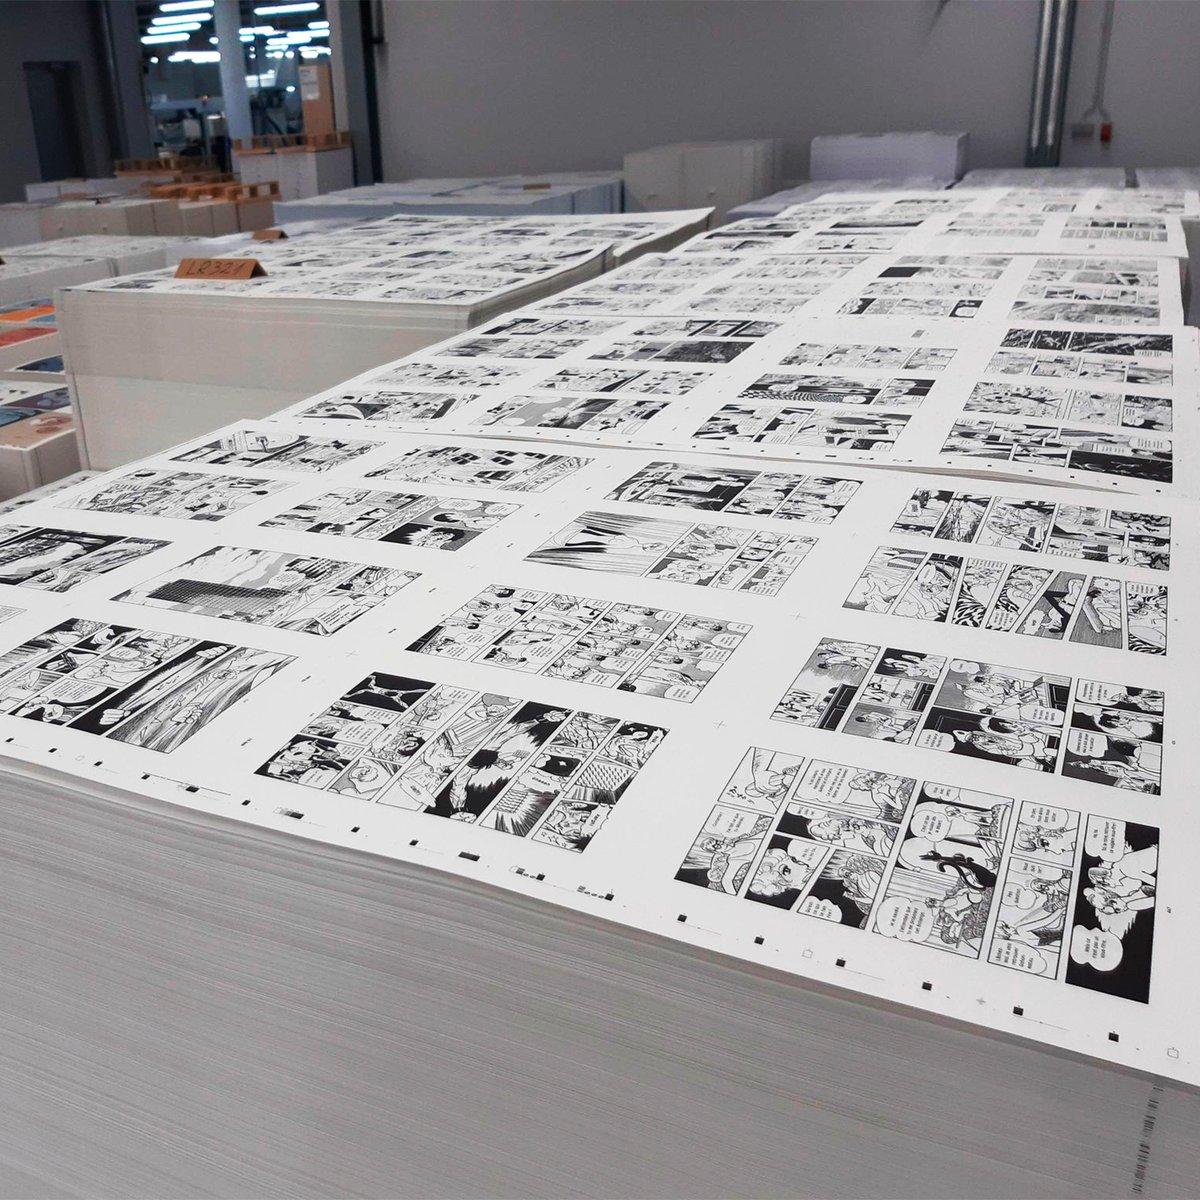 C'était le dernier chantier de l'année, les voilà depuis quelque temps chez notre imprimeur : deux gros pavés d'Osamu #Tezuka, deux récits écrits à la fin des années 1960, à retrouver à la rentrée dans votre librairie préférée! https://t.co/jBNj8q7mbd